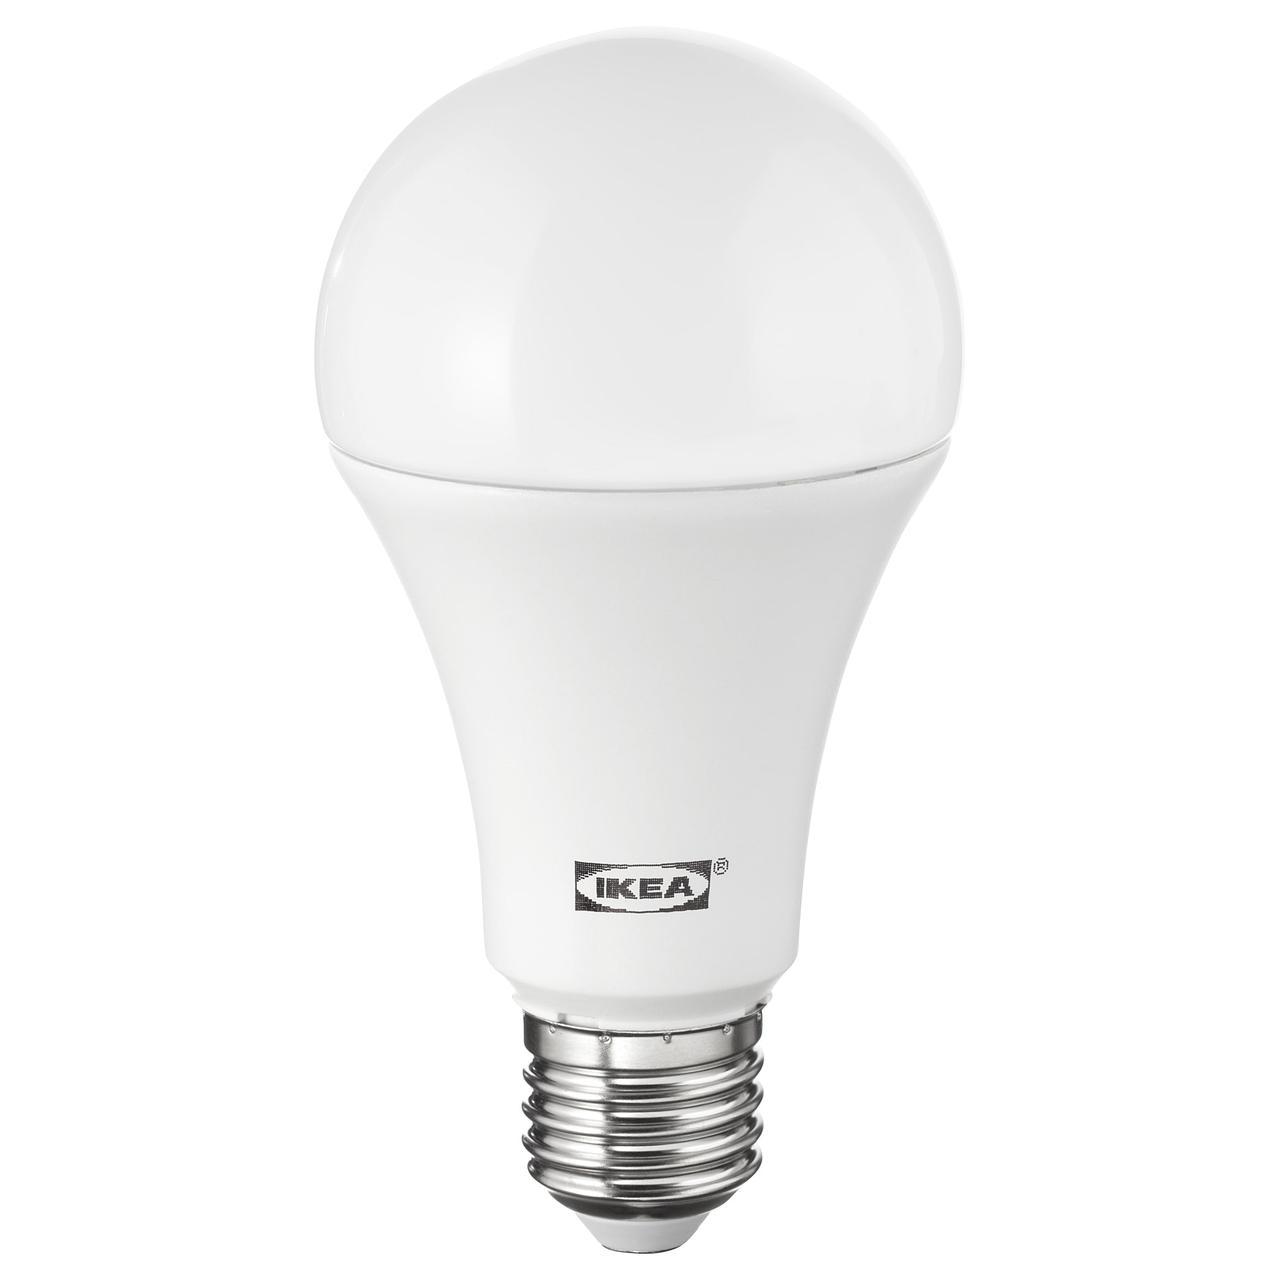 ЛЕДАРЕ Светодиод E27 1600 лм, регулируемая яркость регулируемая яркость, теплый, шарообразный молочный